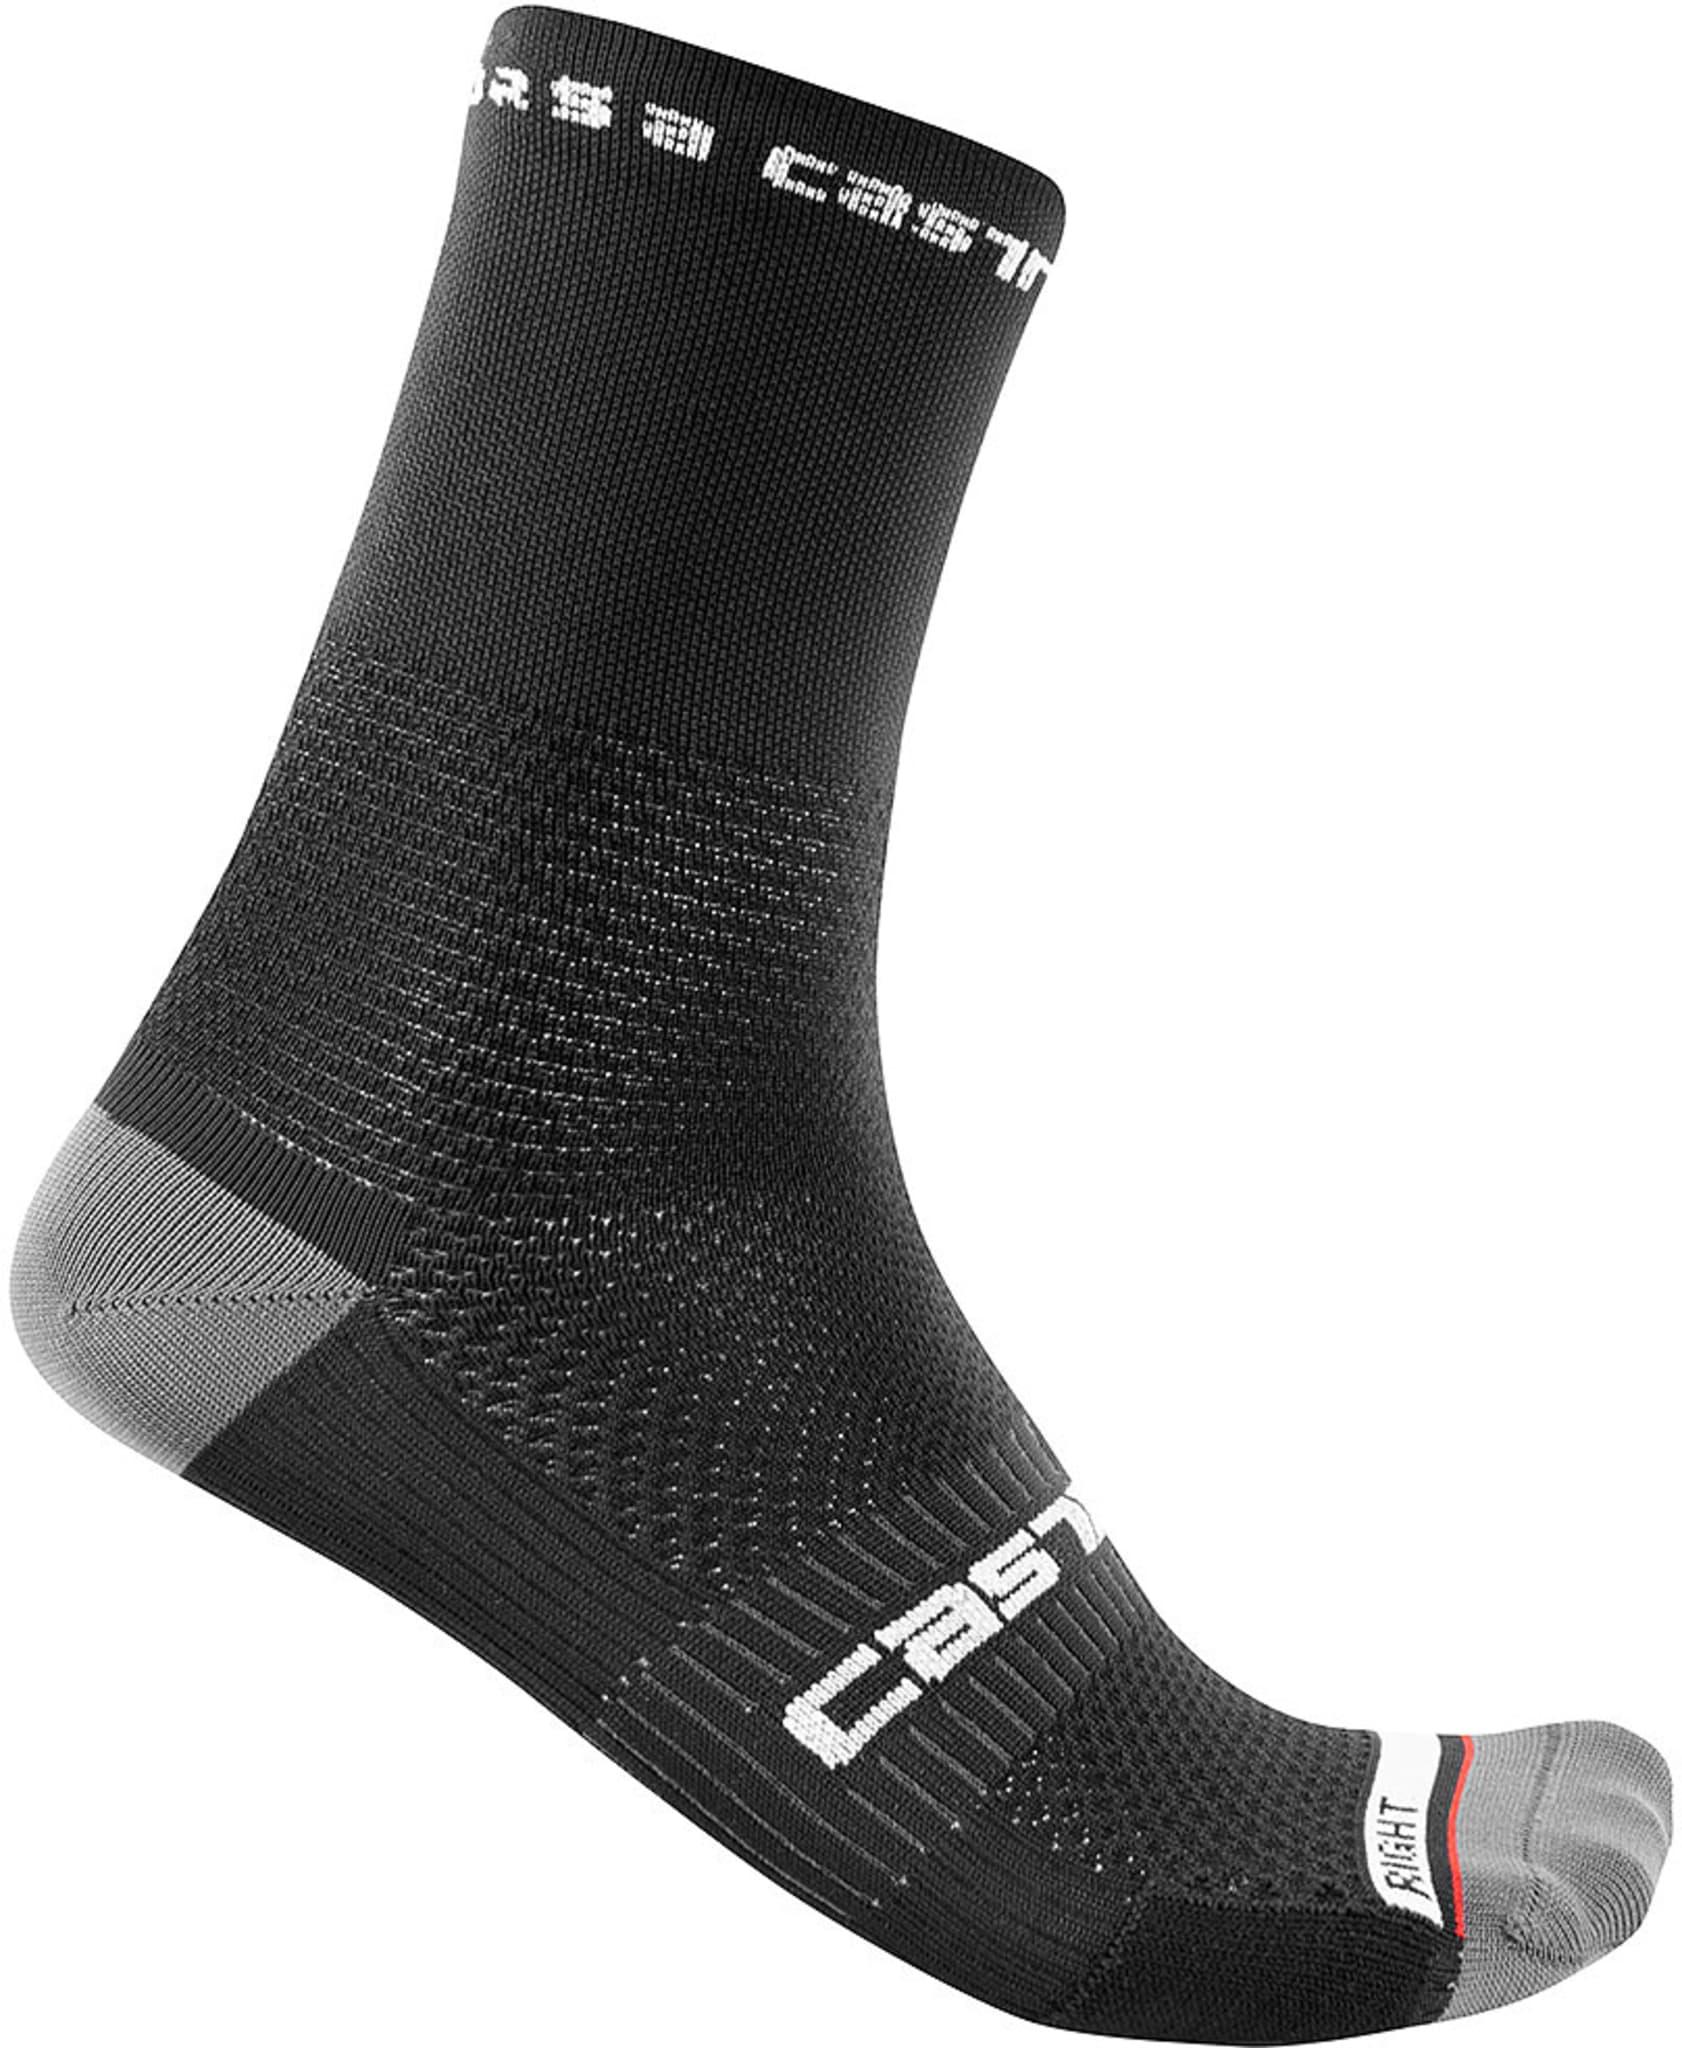 Rosso Corsa Pro 15 Sock